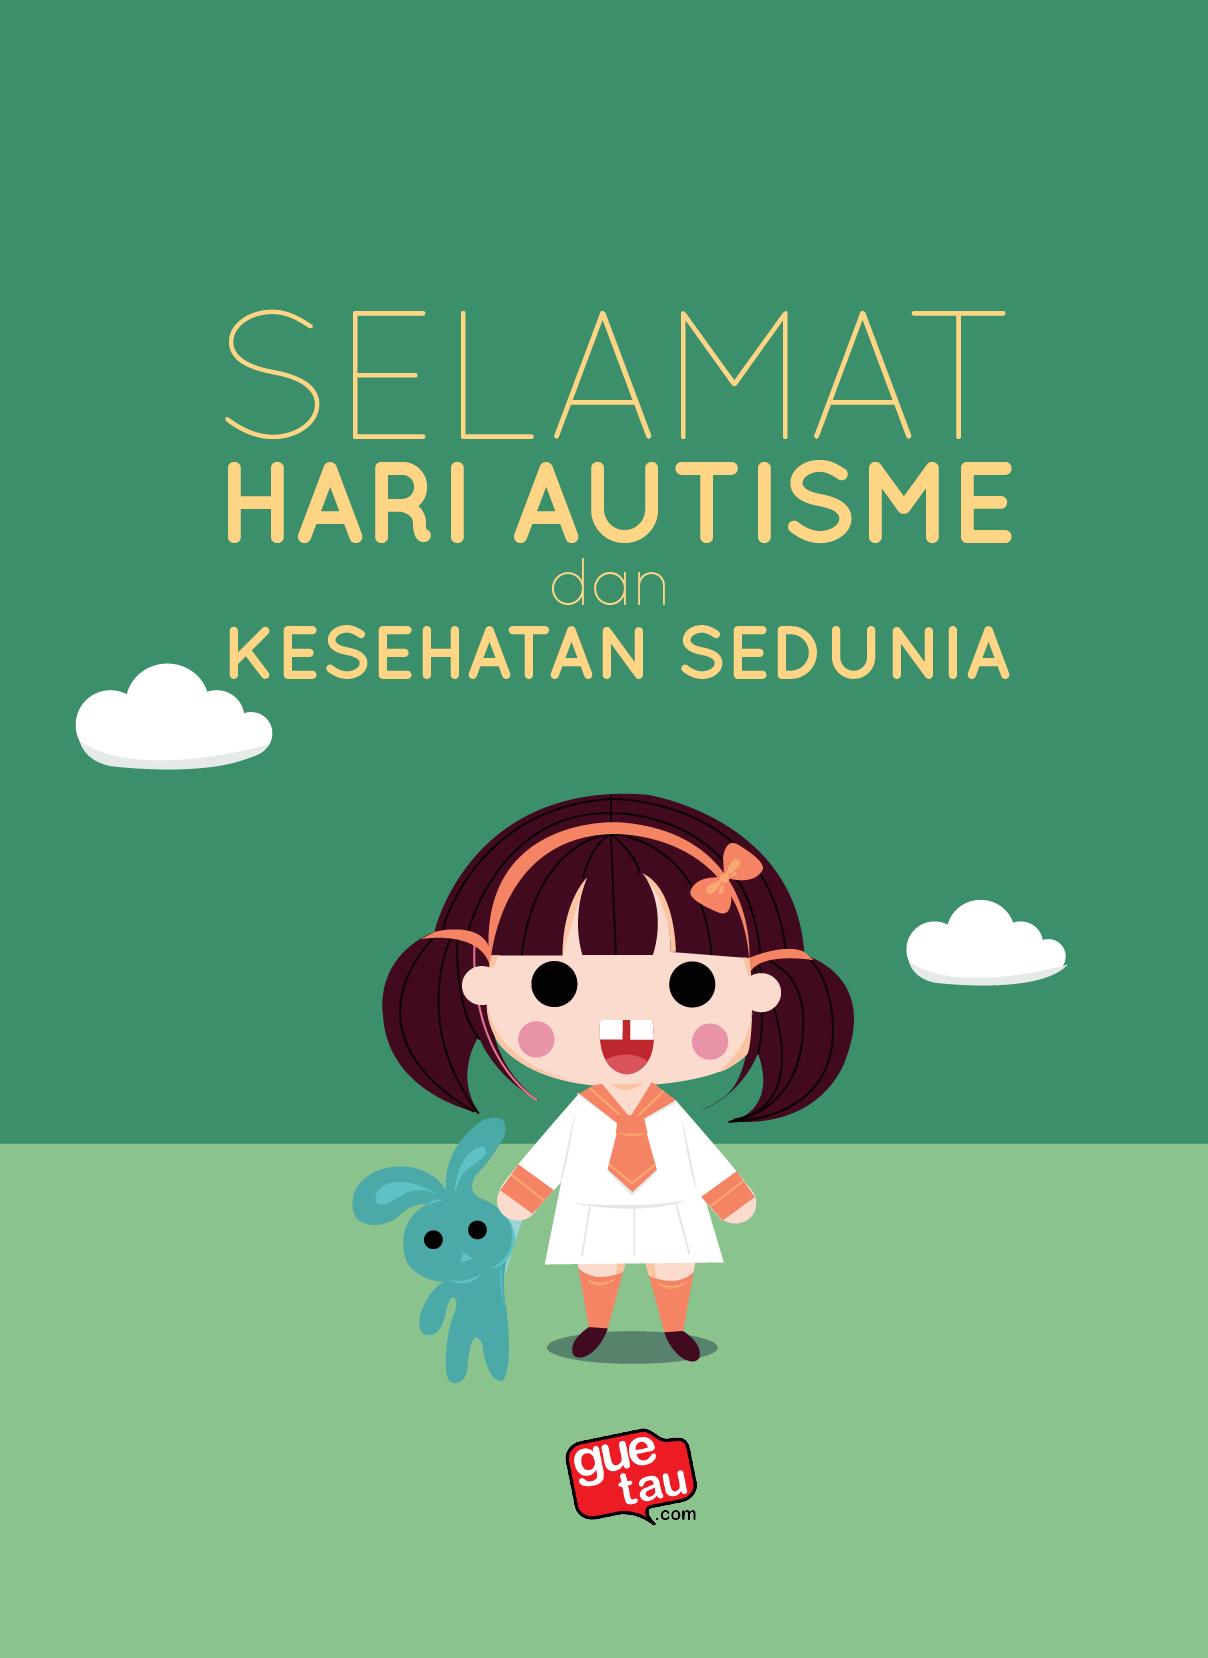 autism-01